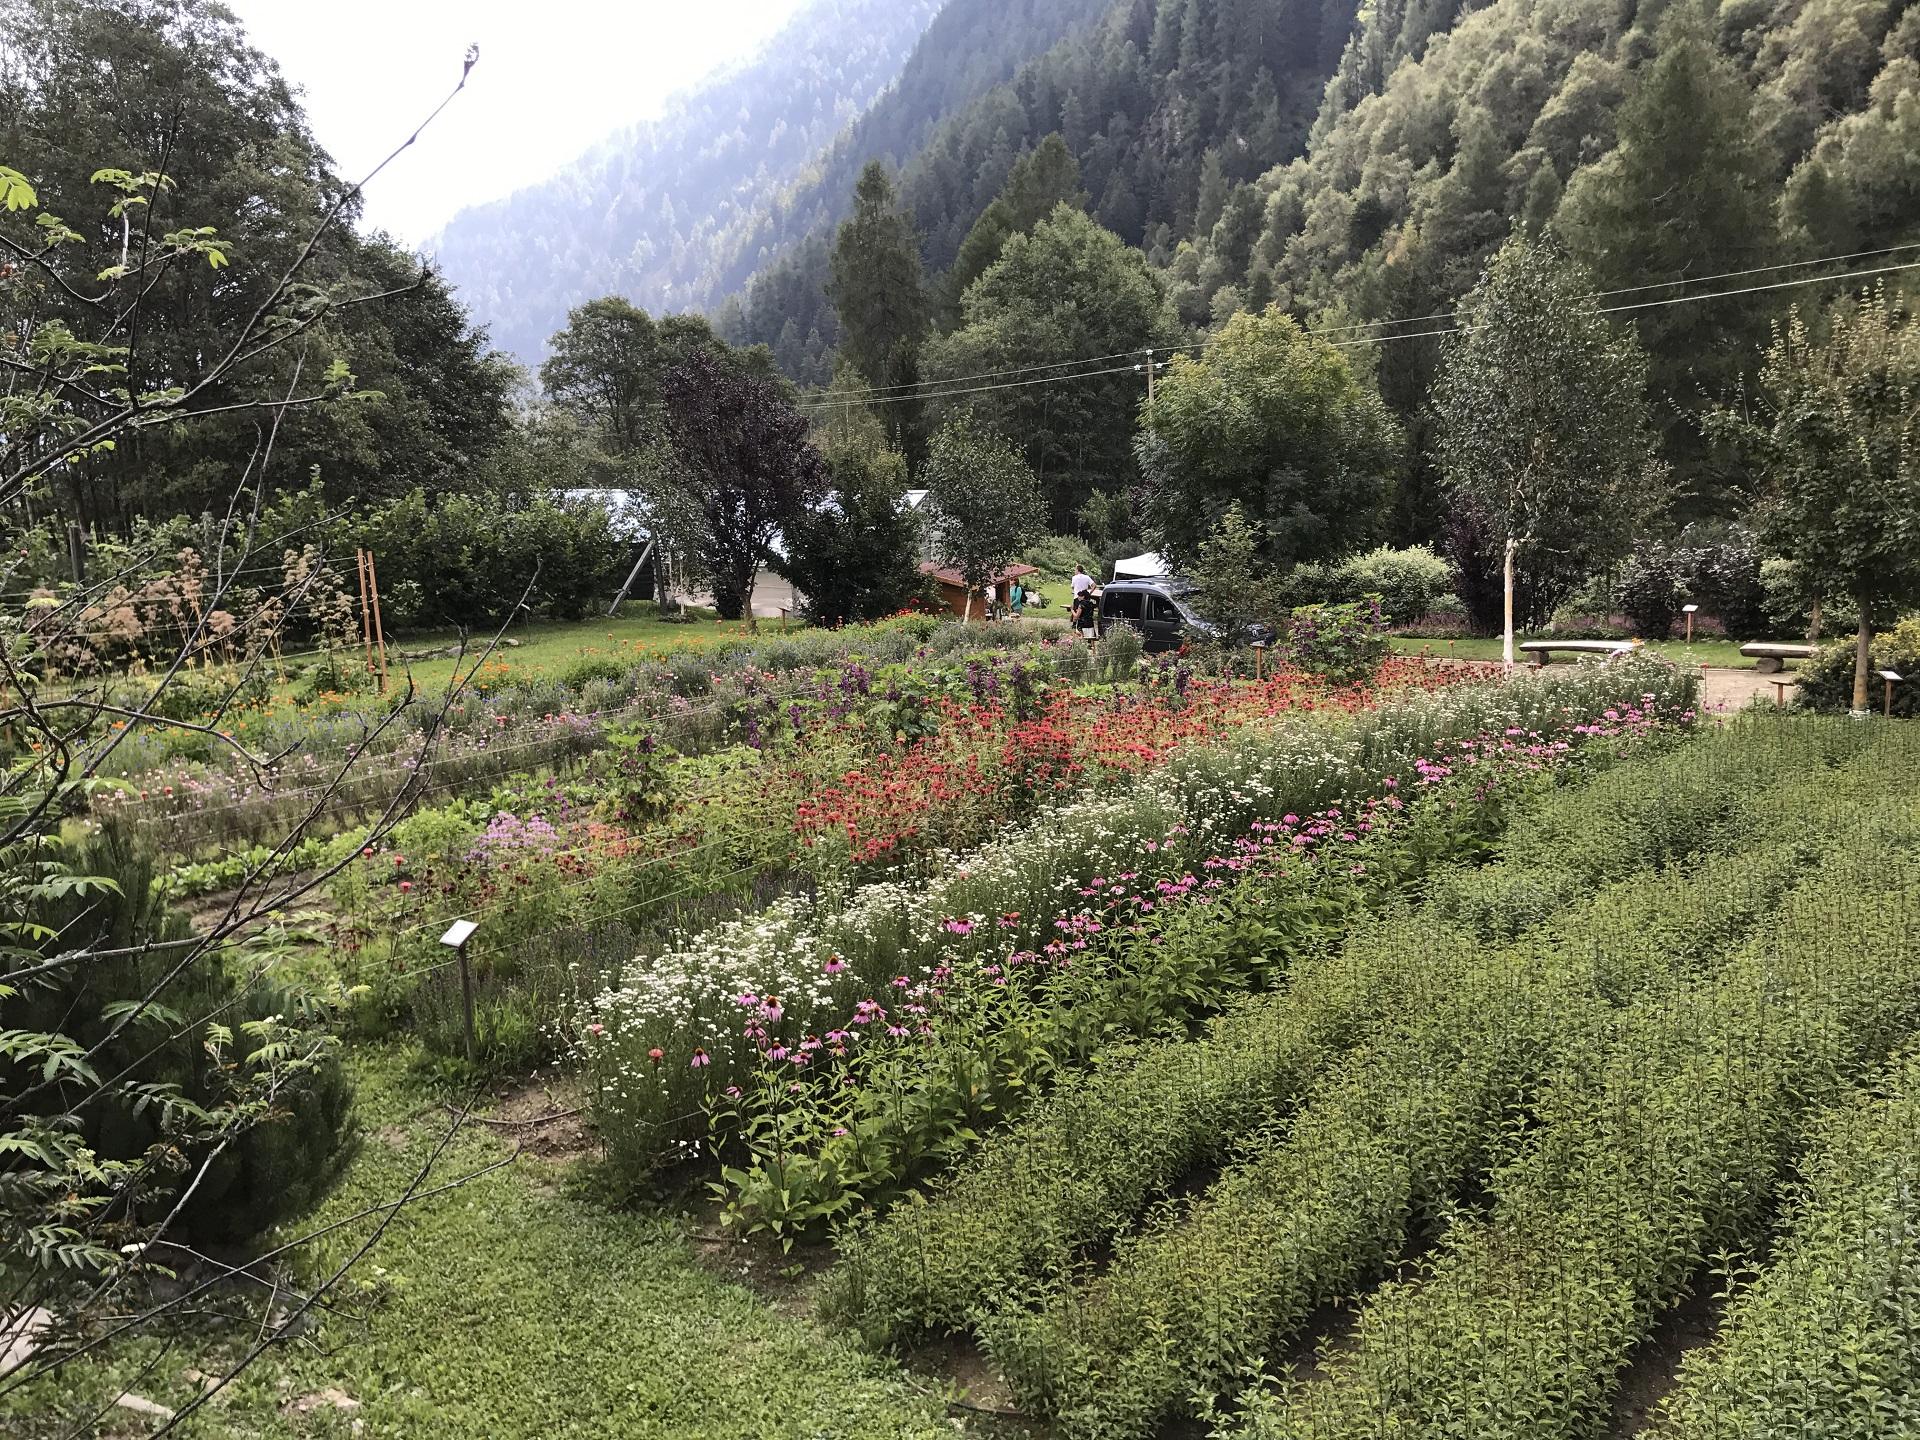 radicchio dell'orso ( Cicerbita Alpina ) Piante Officinali coltivazione Peio Valdisole Trentino - Olga Casanova